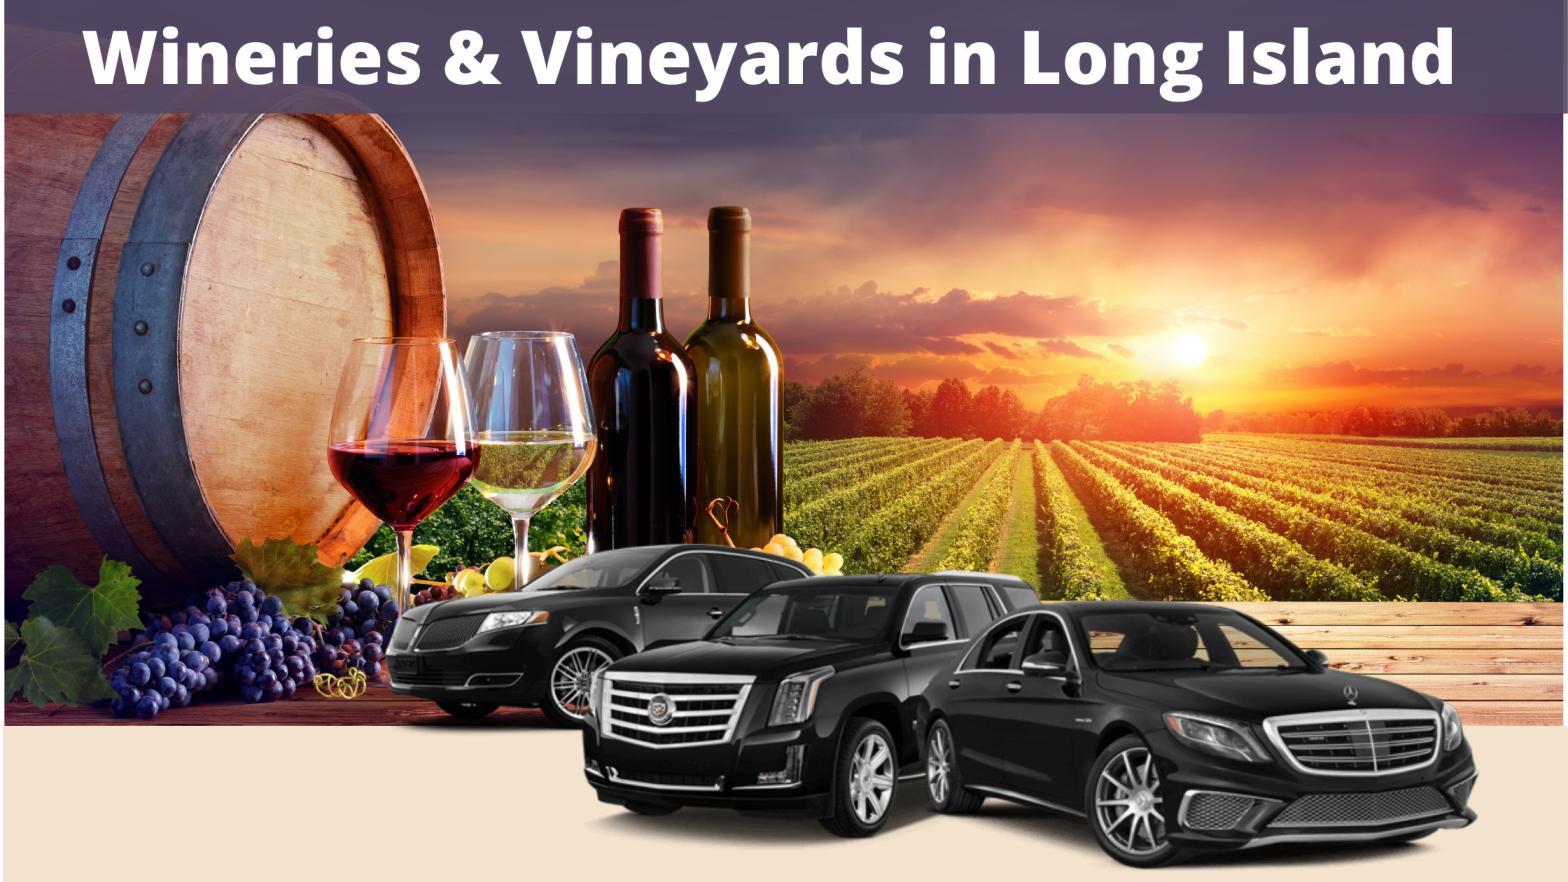 Wineries & Vineyards in Long Island